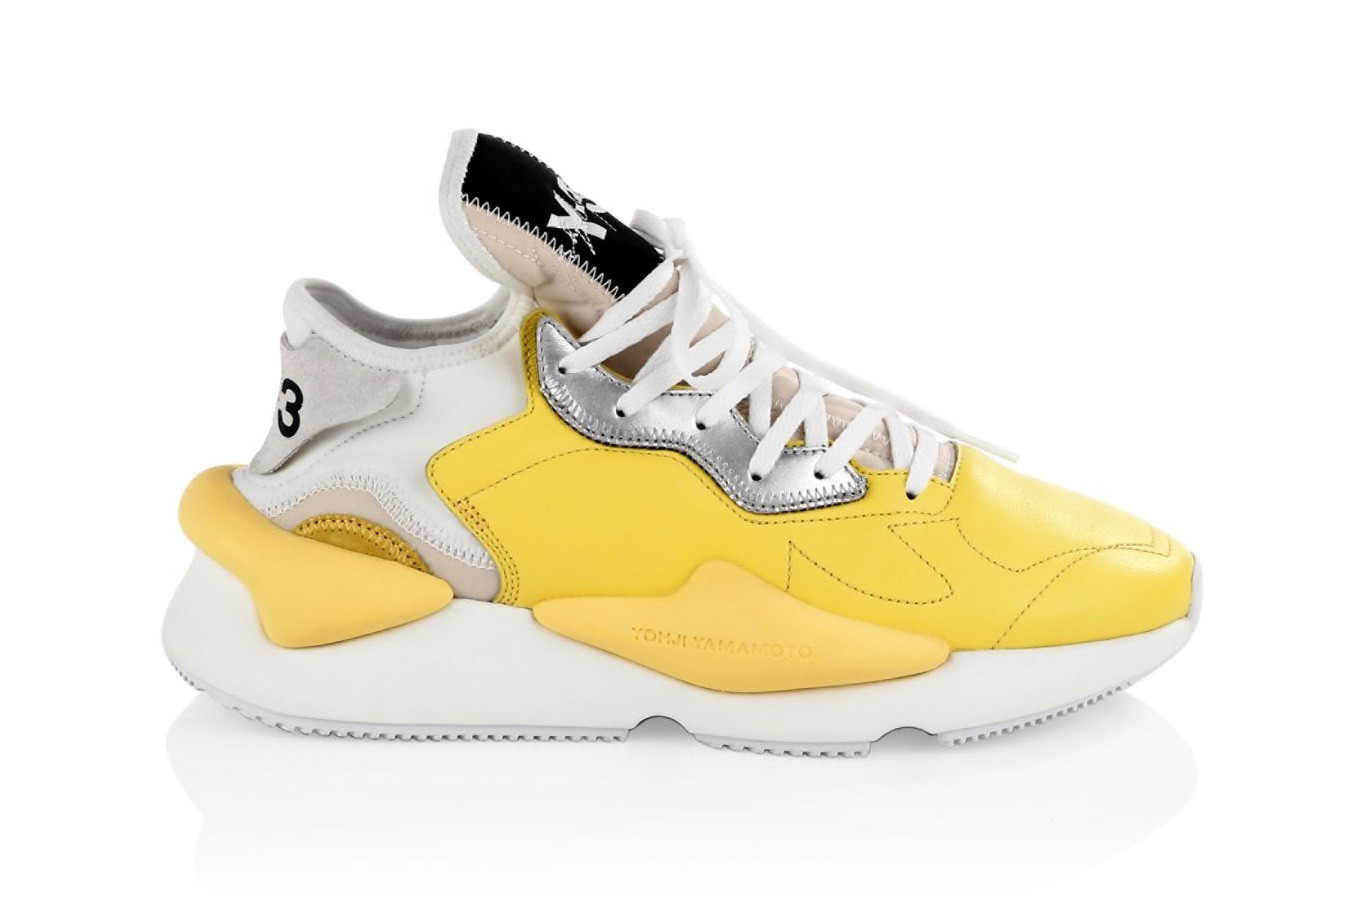 O Adidas Y3 Kawaii (Foto: Divulgação)